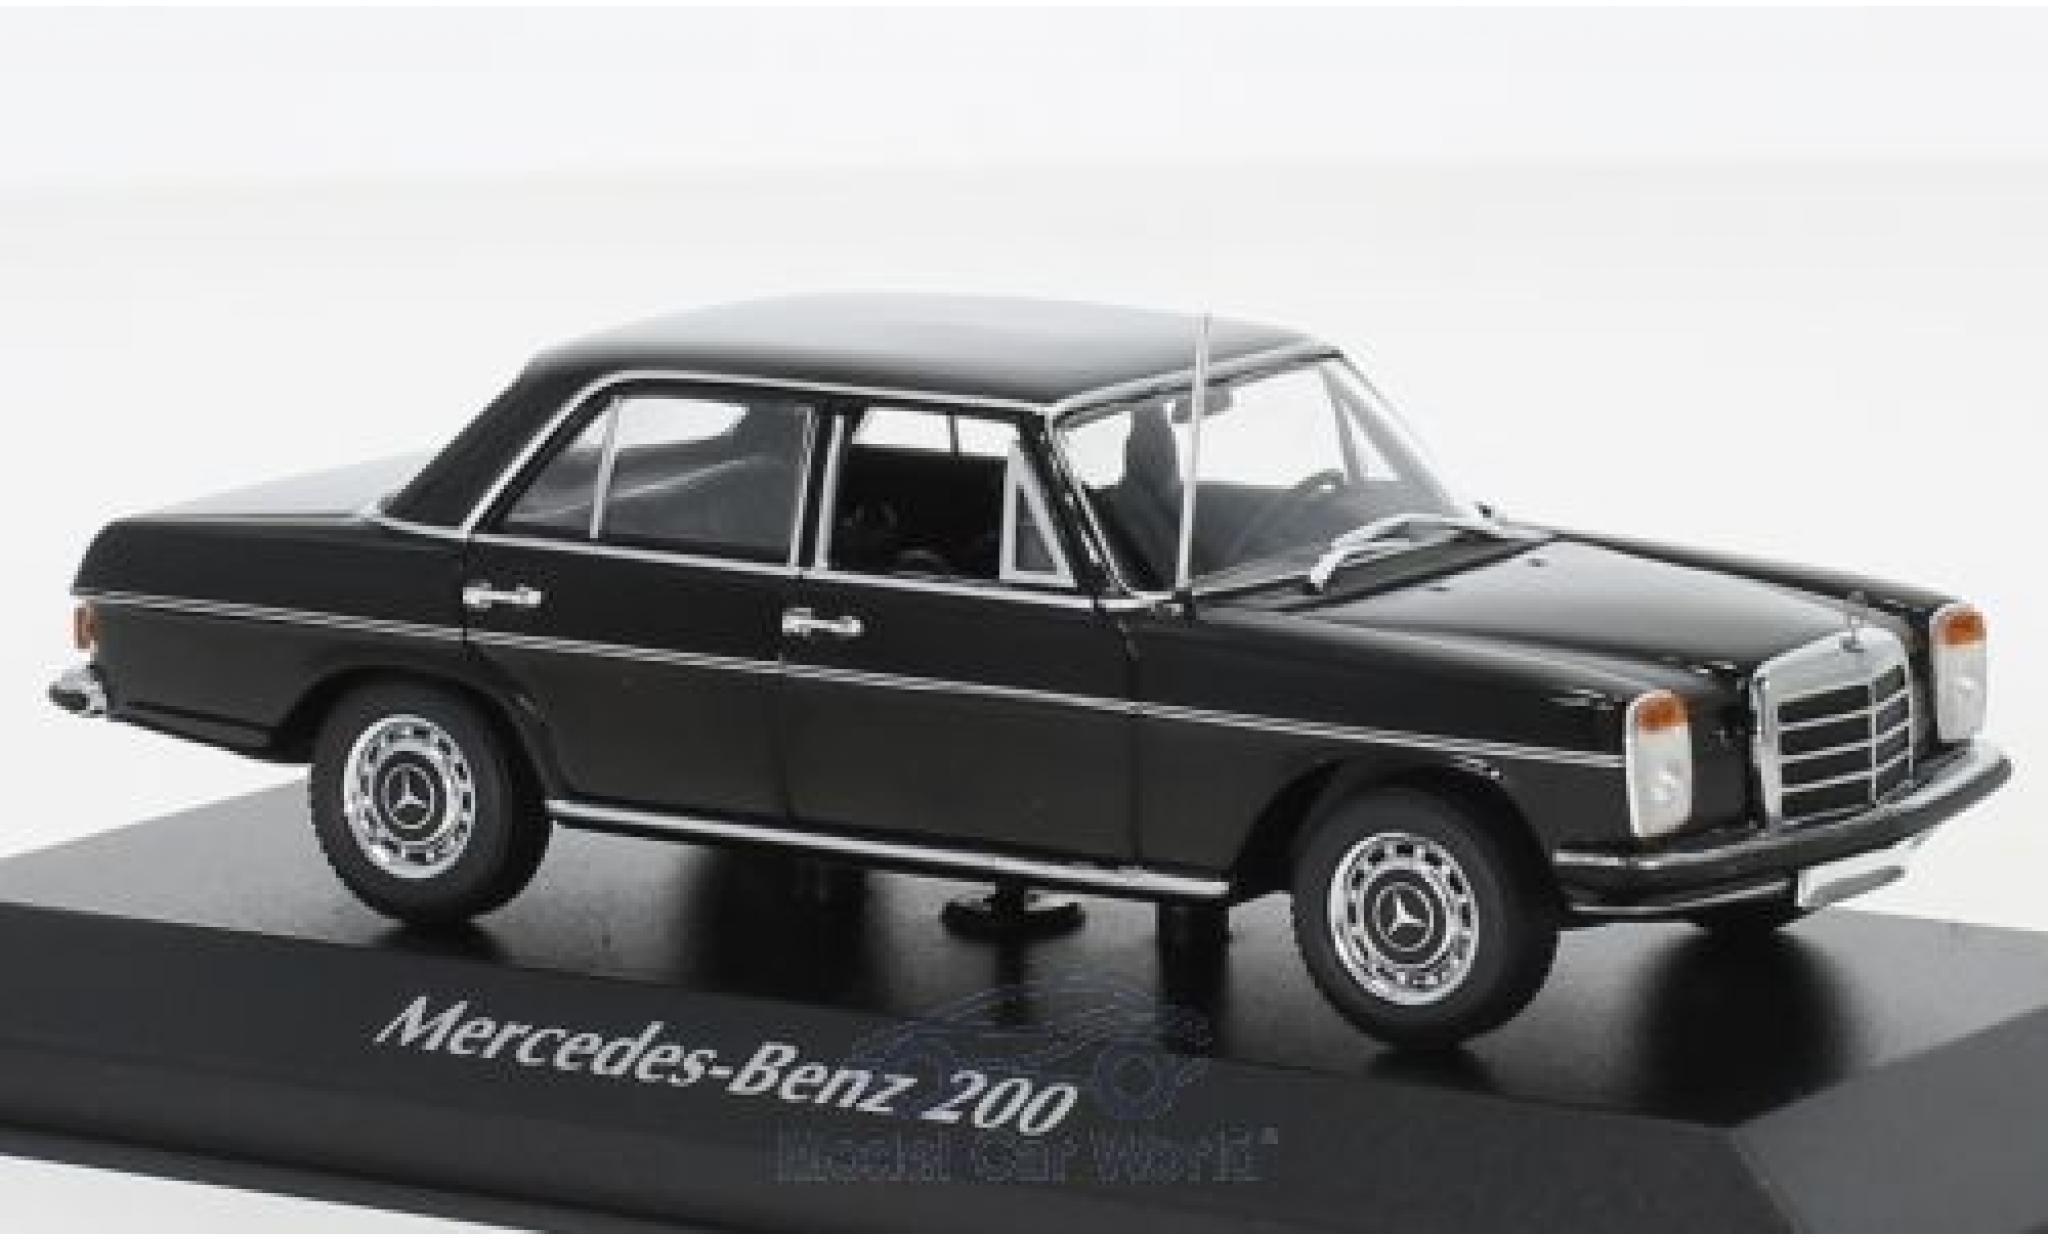 Mercedes 200 1/43 Maxichamps noire 1968